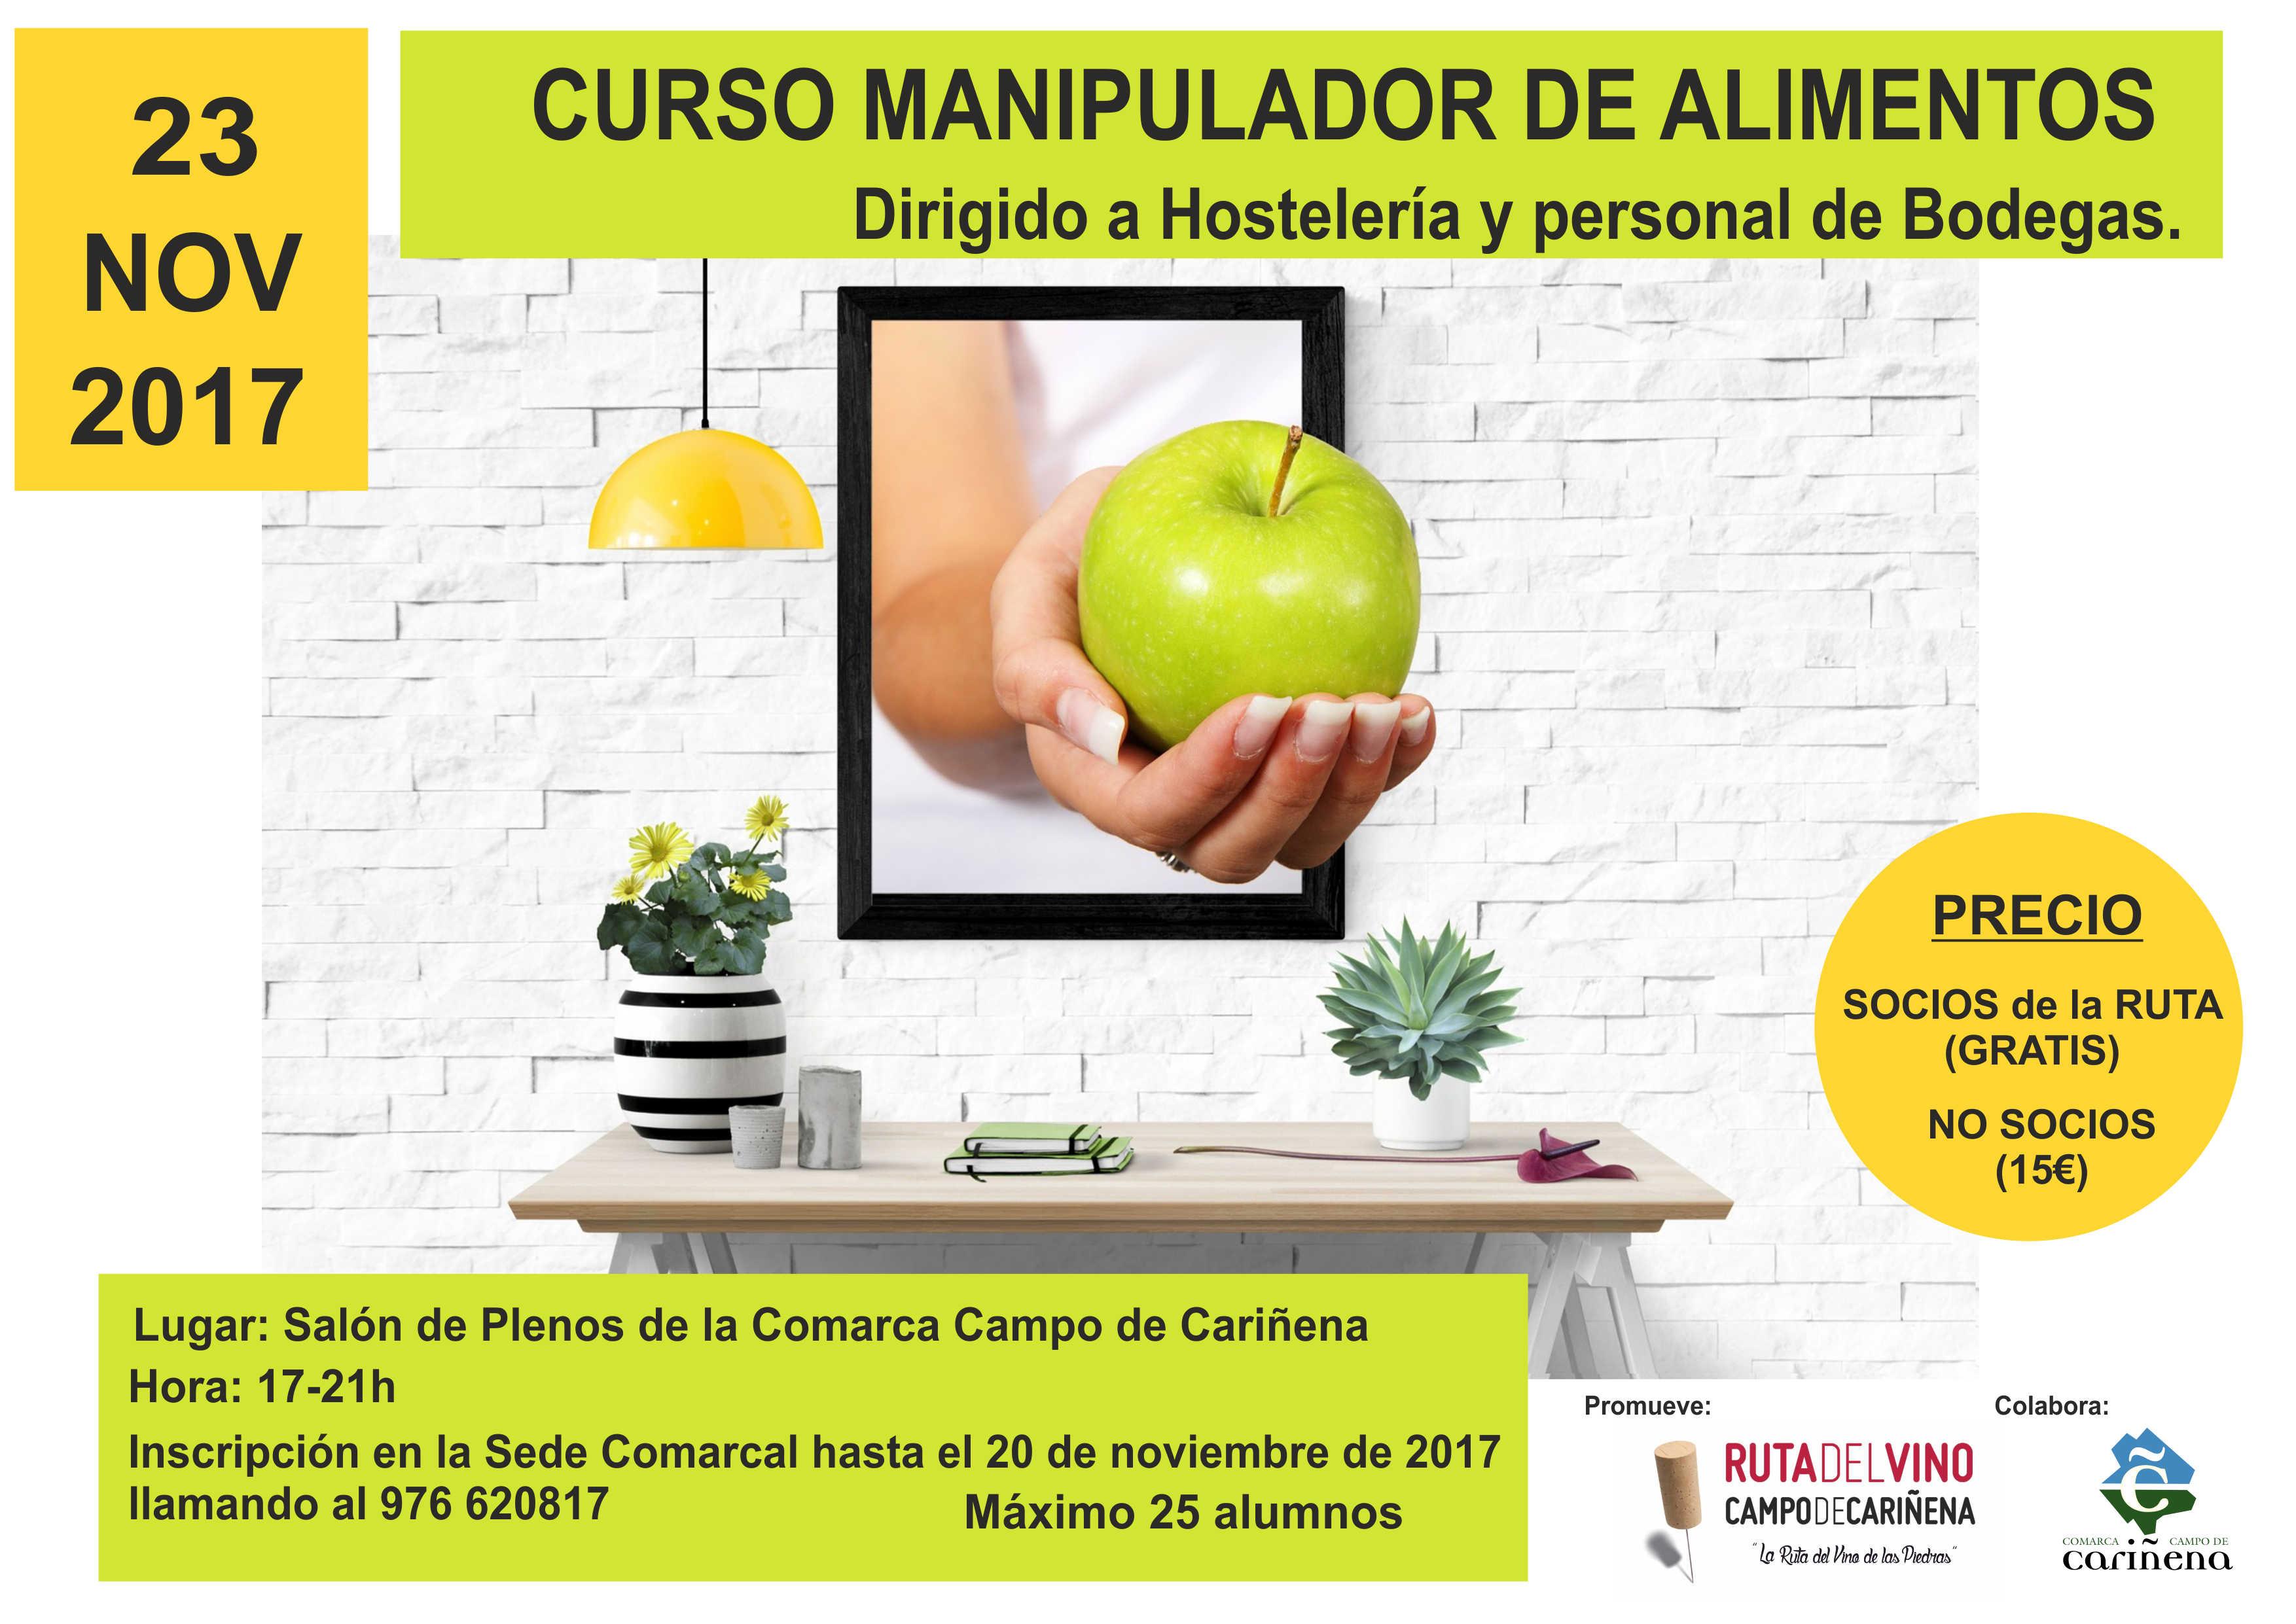 La Ruta del Vino en colaboración con la Comarca promueve el Curso de Manipulador de Alimentos dirigido a Hostelería y Personal de Bodegas.